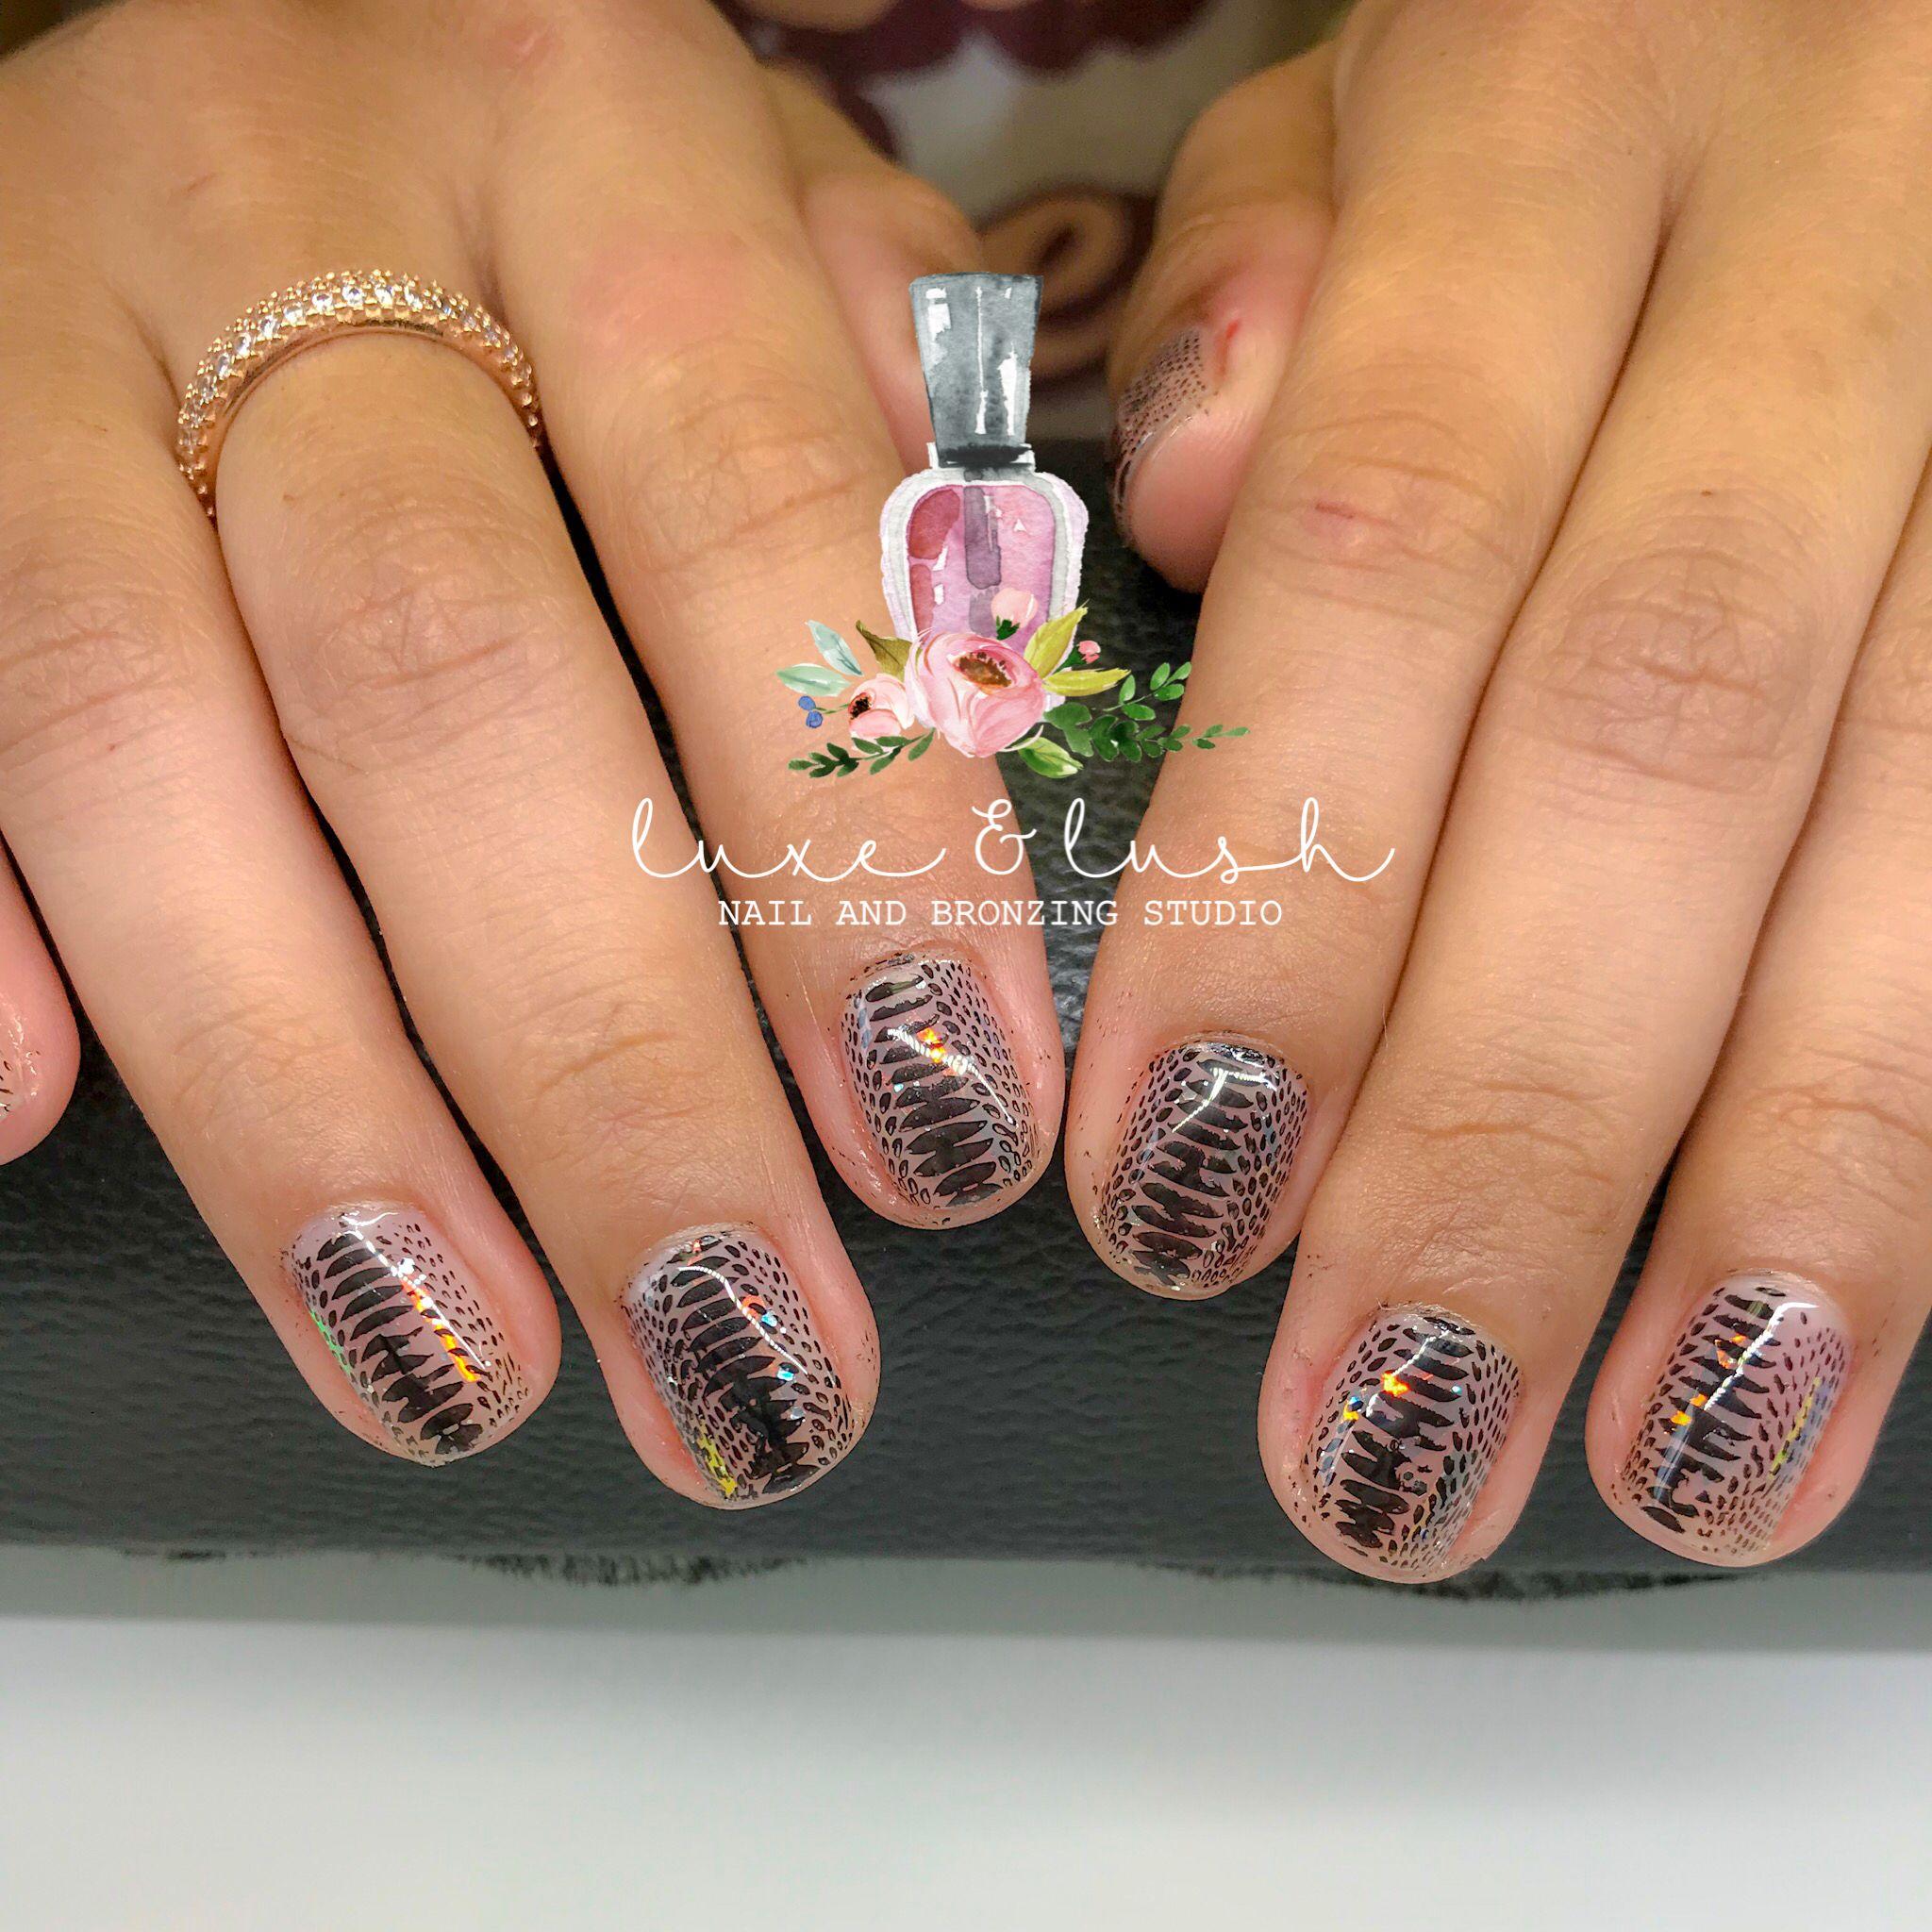 Snake skin gel nails | Luxe & Lush | Pinterest